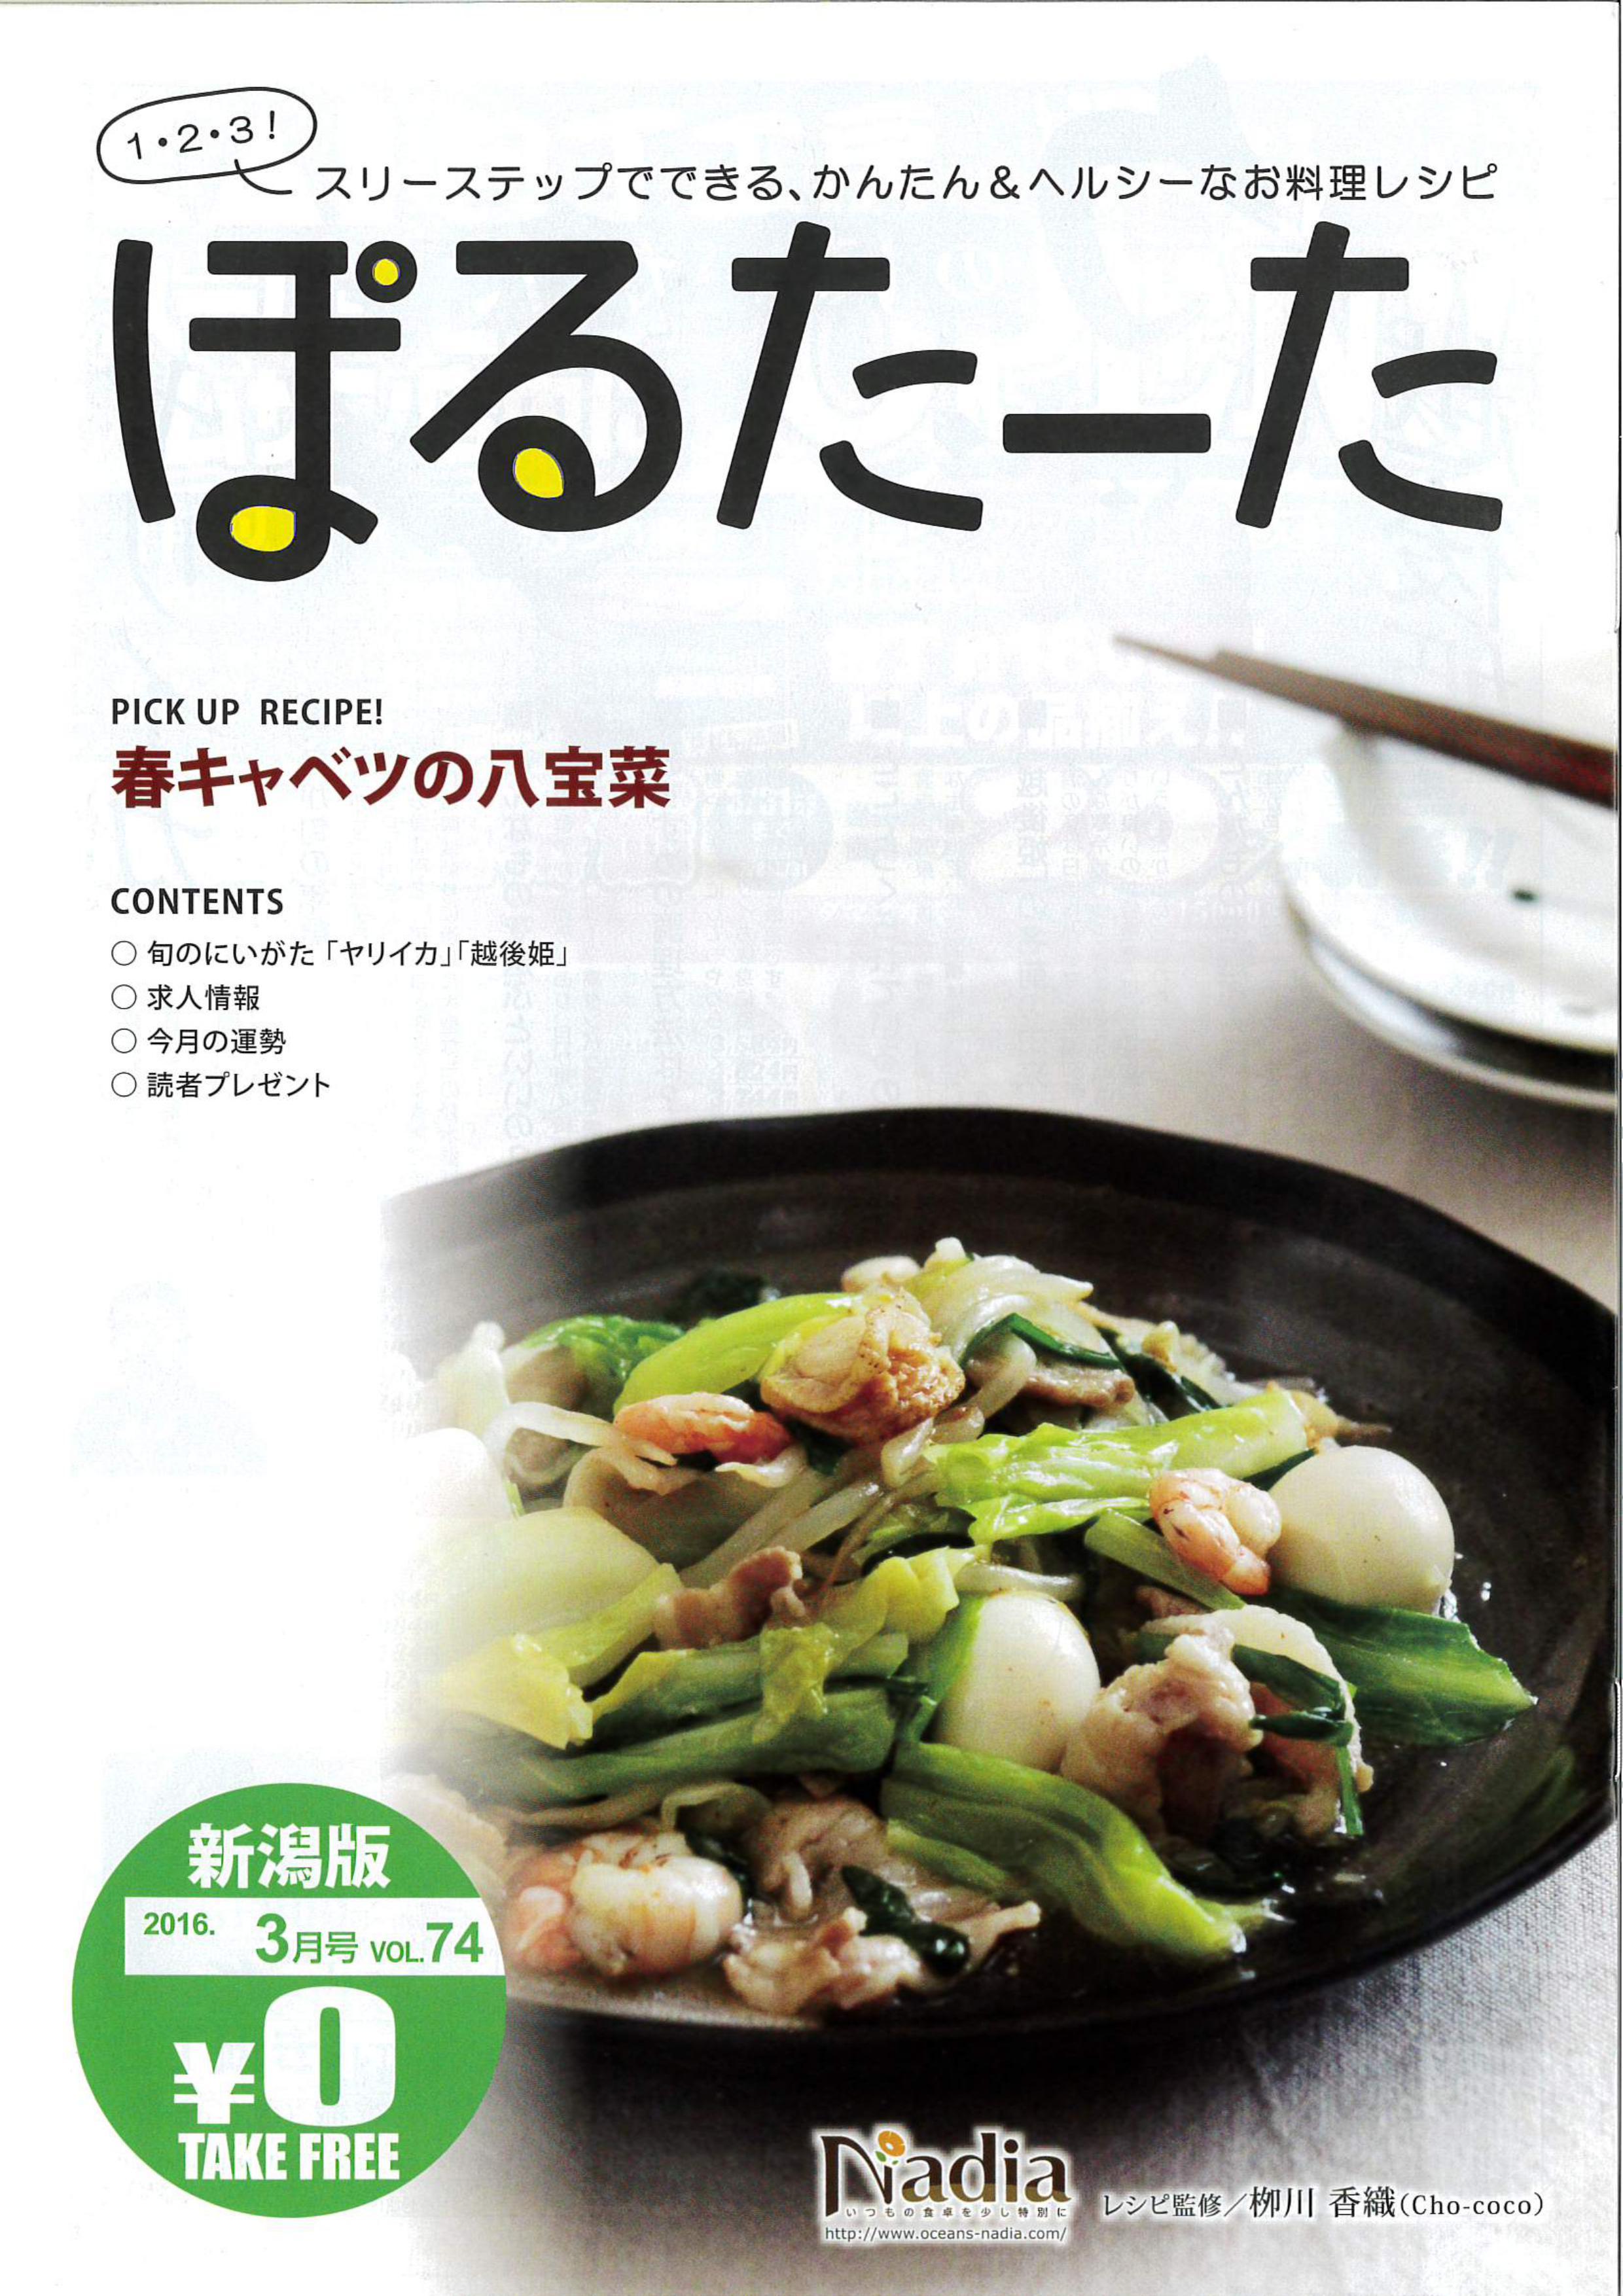 栁川かおり:フリーペーパー「ぽるたーたVOL.74(3月号)」にレシピが掲載されました!